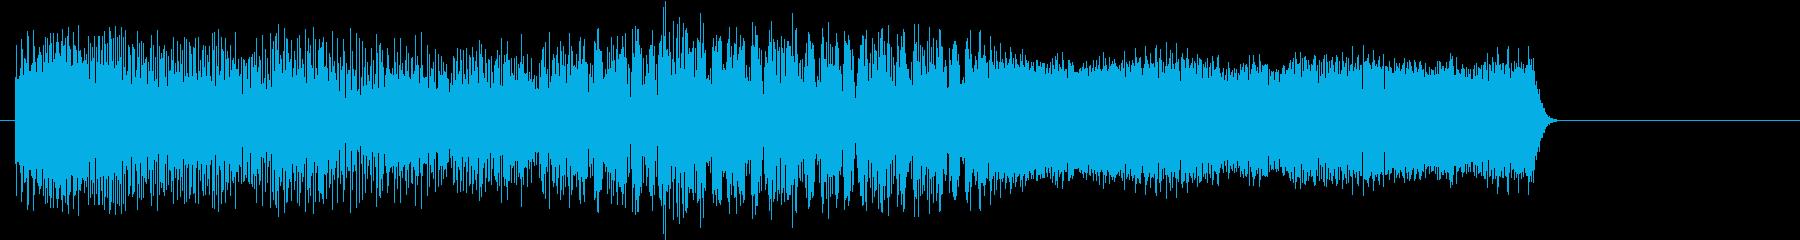 ゲームオーバー ピコピコ音 レトロの再生済みの波形